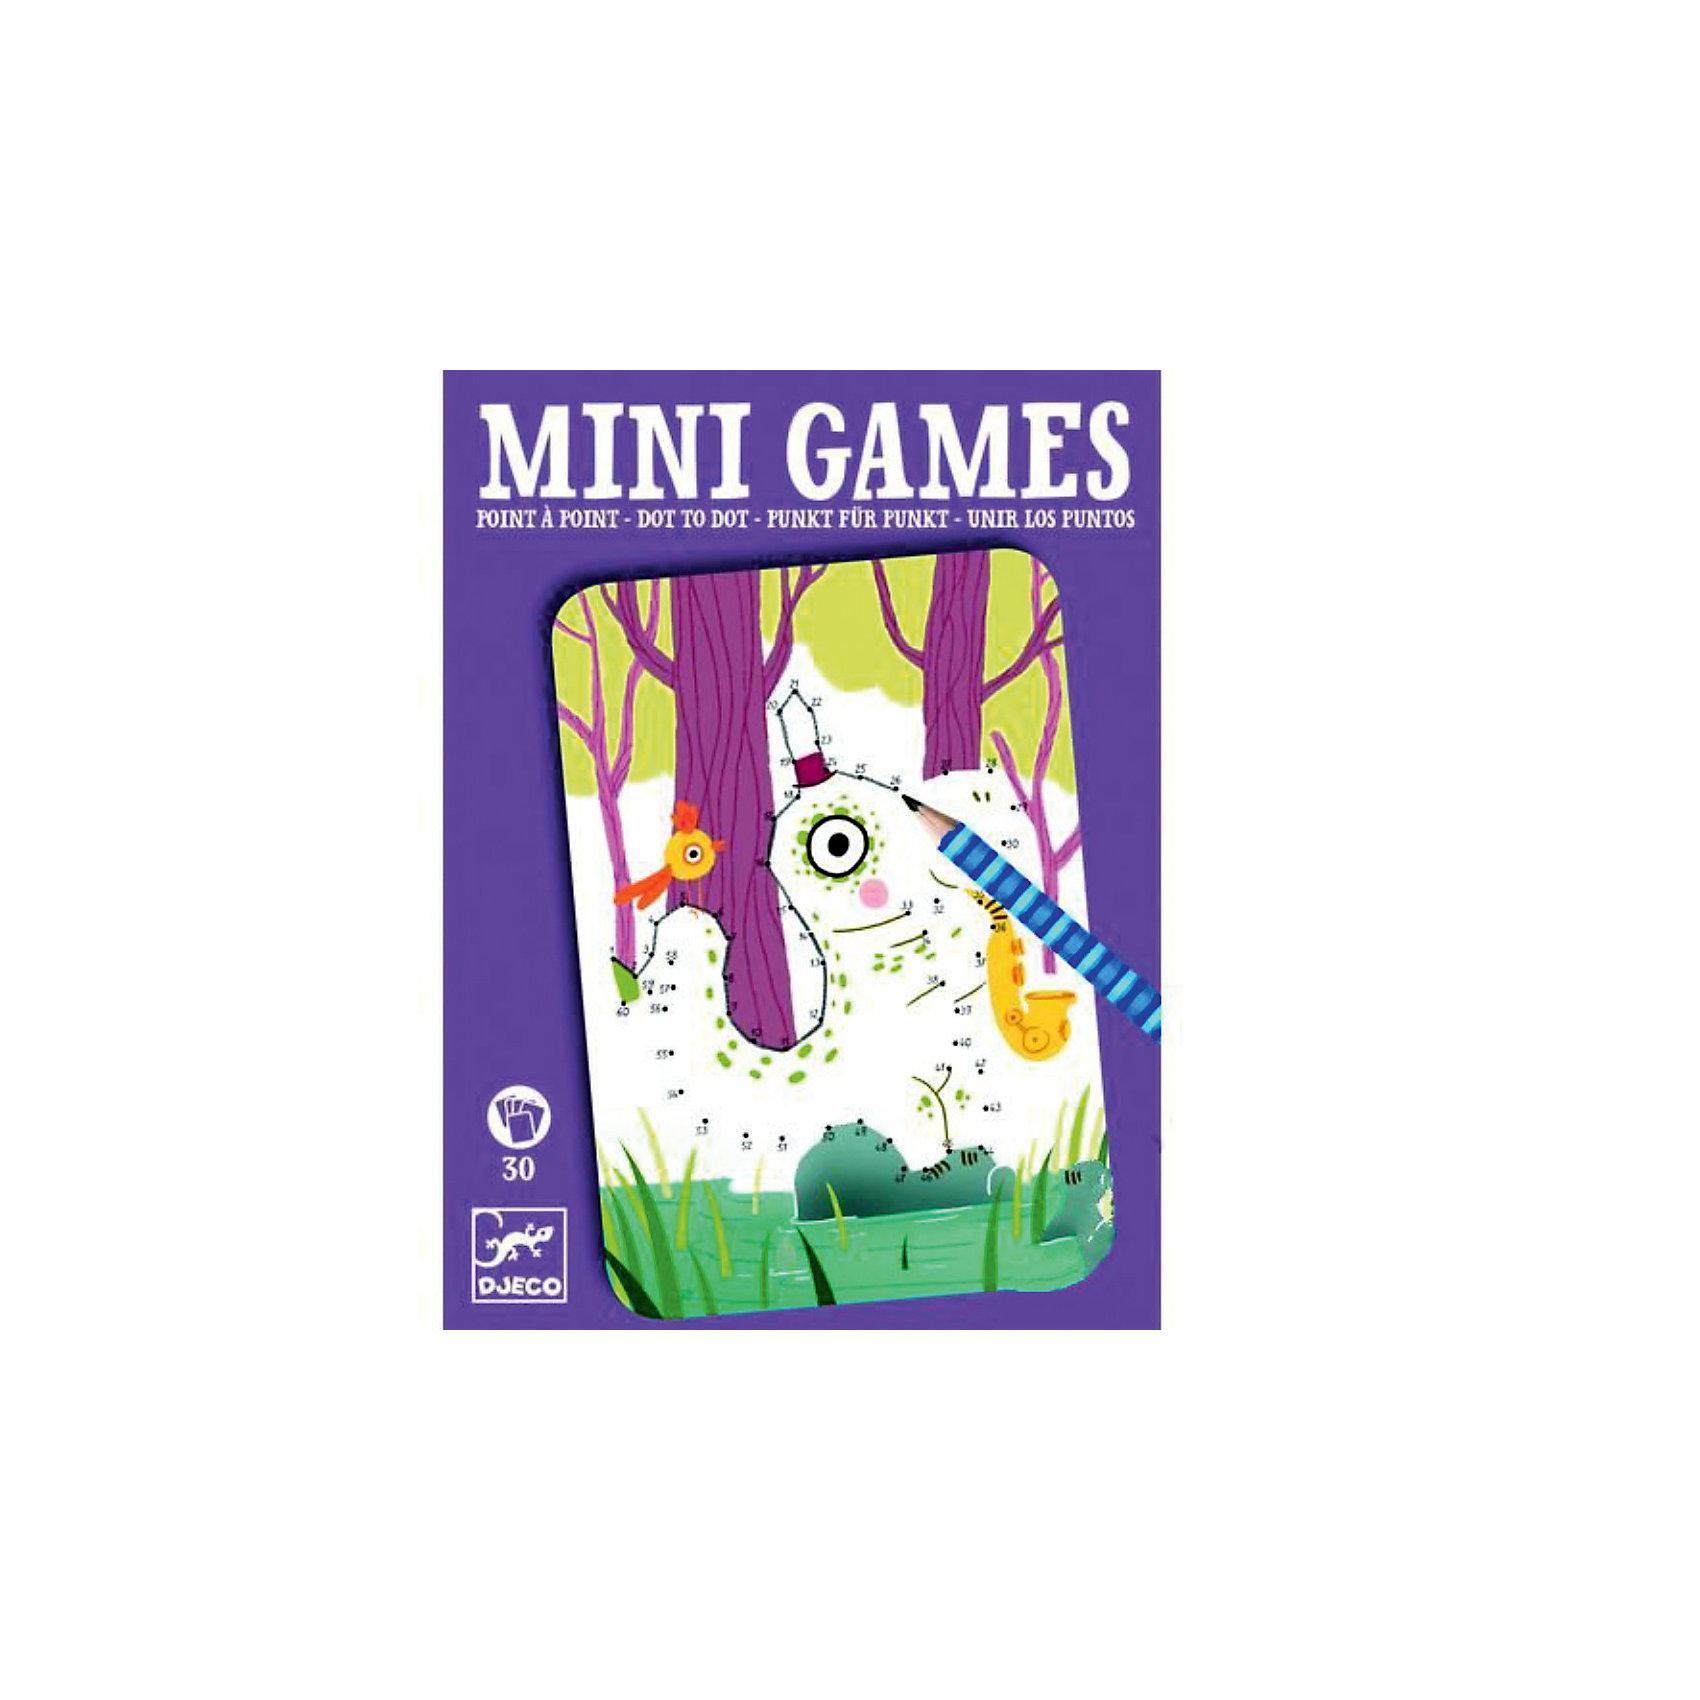 Мини игра Соедини точки: Артур,  DJECOЗабудьте о скучных путешествиях вместе с замечательной игрой Соедини точки:  Артур от DJECO (Джеко). Теперь в мини формате! Игра очень красивая и компактная, поэтому она идеальный спутник для маленького непоседы. В комплекте 30 игровых карточек на которых спрятаны любимые детьми забавные картинки. Цель игры – последовательно соединить точки так, чтобы получилась красивая картинка. Двигаться от точки к точке необходимо очень аккуратно и внимательно, в таком случае у тебя получится картинка с изображением забавного зверька! Игра настолько увлекательная, что ее можно использовать и для целой компании, рисуя персонажей на скорость. Очень важно развивать у малыша внимание, усидчивость и логику. А лучше делать все это во время увлекательной игры, которая никогда не надоедает, ведь в наборе карточки с занимательными сюжетами!<br><br>Дополнительная информация: <br><br>- В наборе: 30 игровых карточек, карандаш;<br>- Удобно брать в путешествия;<br>- Можно играть одному или с компанией ;<br>- Отличный подарок;<br>- Понравится и взрослым и детям;<br>- Игра  продается в красивой картонной коробке;<br>- Размер упаковки: 11 х 15 х 2 см;<br>- Вес: 250 г<br><br>Мини игру Соедини точки:  Артур,  DJECO (Джеко) можно купить в нашем интернет-магазине.<br><br>Ширина мм: 110<br>Глубина мм: 150<br>Высота мм: 13<br>Вес г: 170<br>Возраст от месяцев: 72<br>Возраст до месяцев: 144<br>Пол: Унисекс<br>Возраст: Детский<br>SKU: 3778417